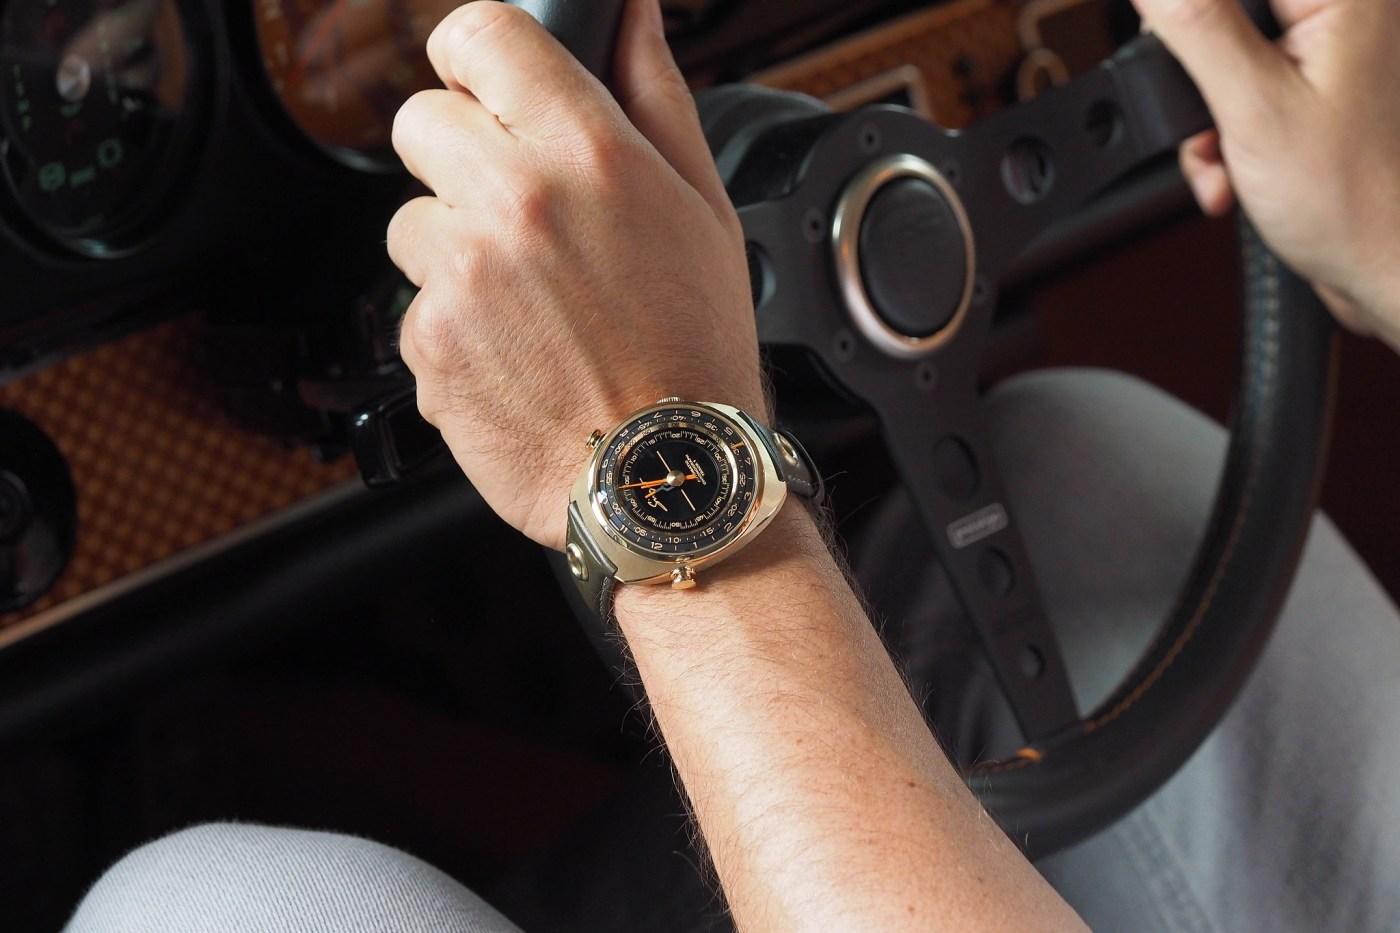 Singer Track 1 wristshot inside a Singer Porsche 911